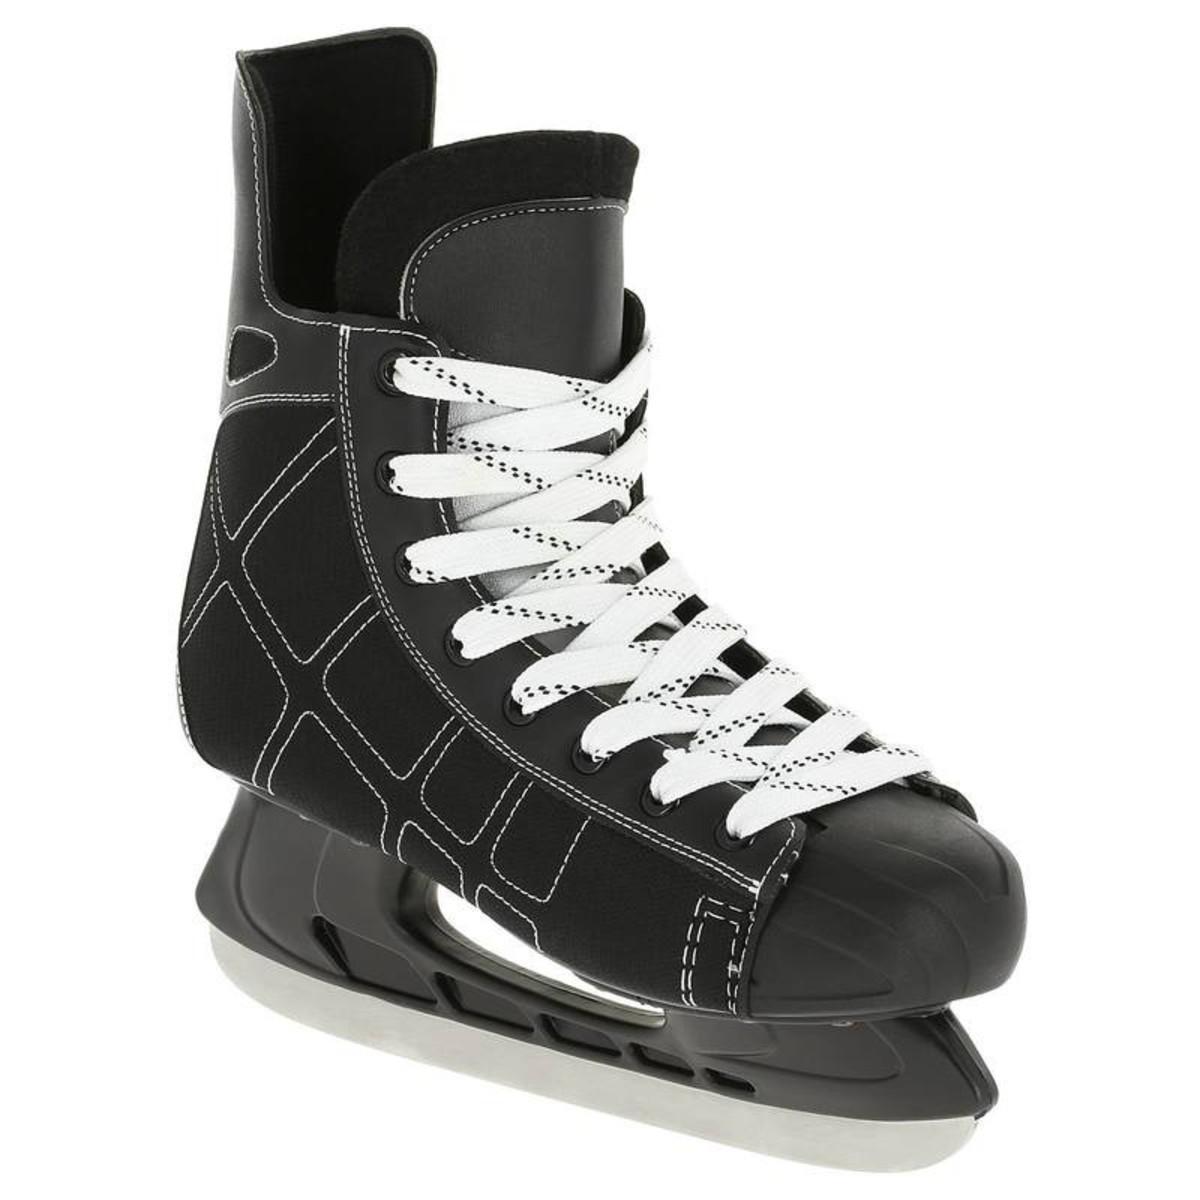 Bild 1 von OXELO Eishockey-Schlittschuhe Zero Erwachsene schwarz, Größe: 38